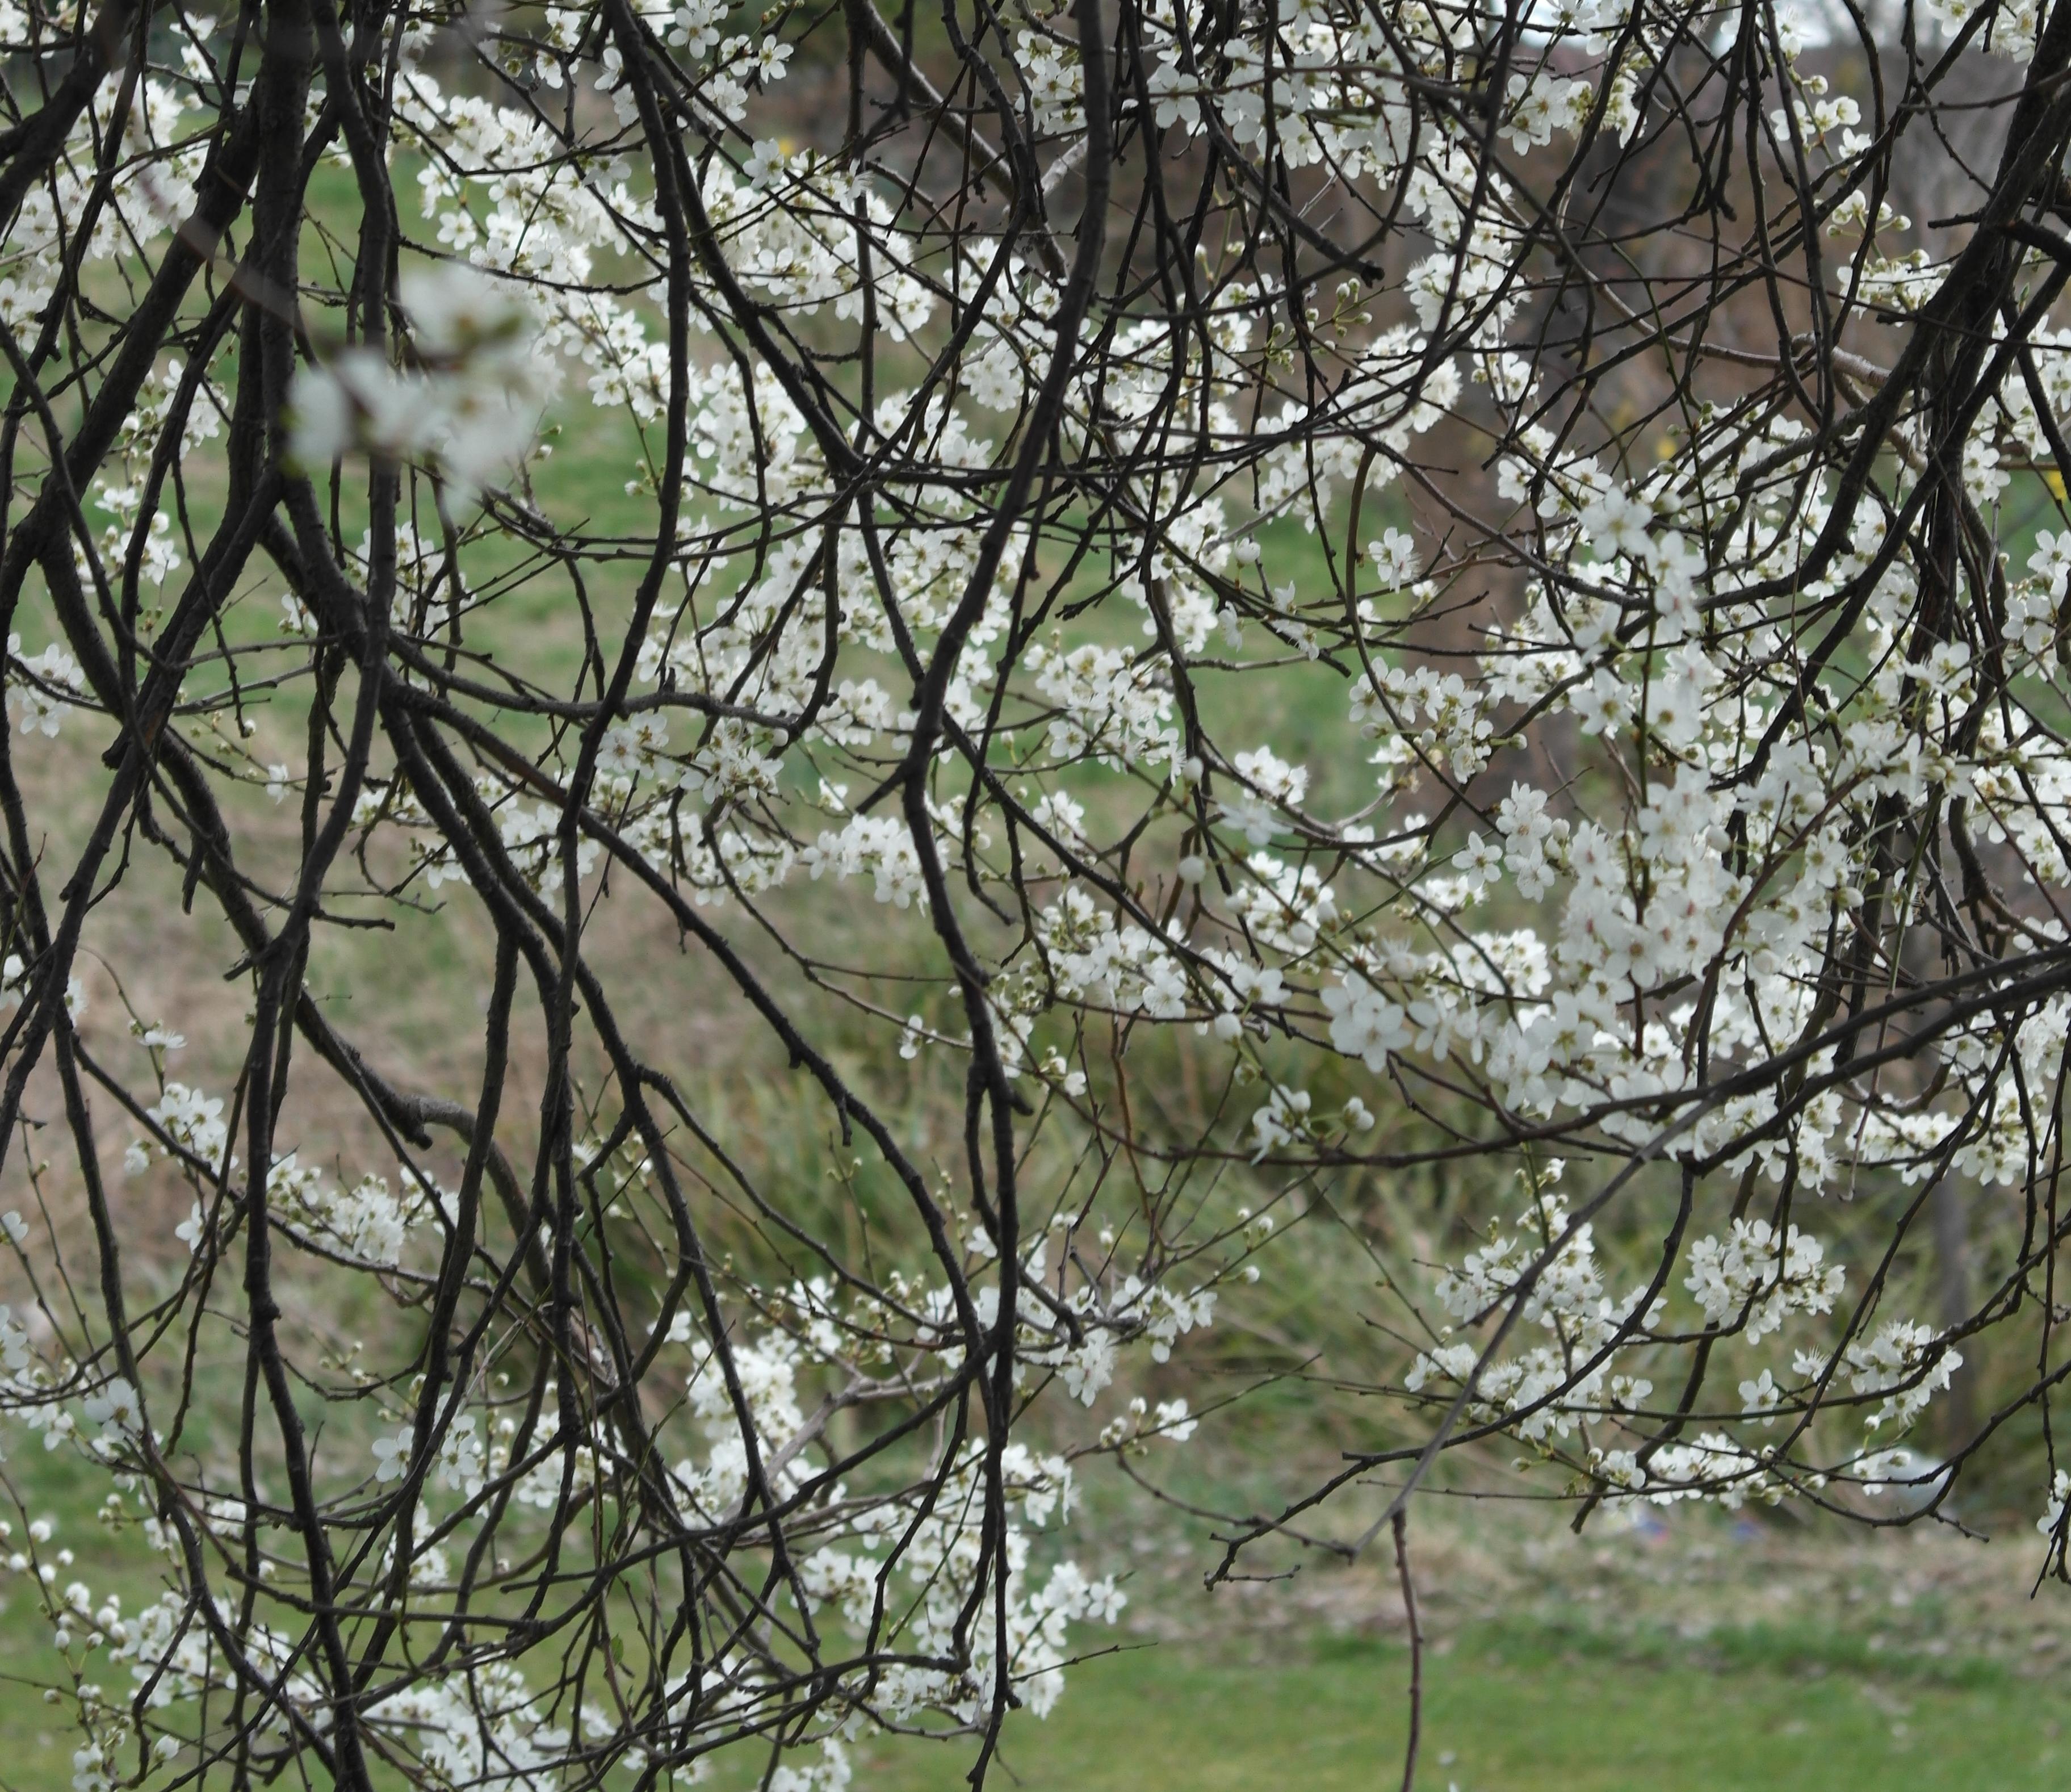 Blackthorn Tree Drawing The Blackthorn is Burdened